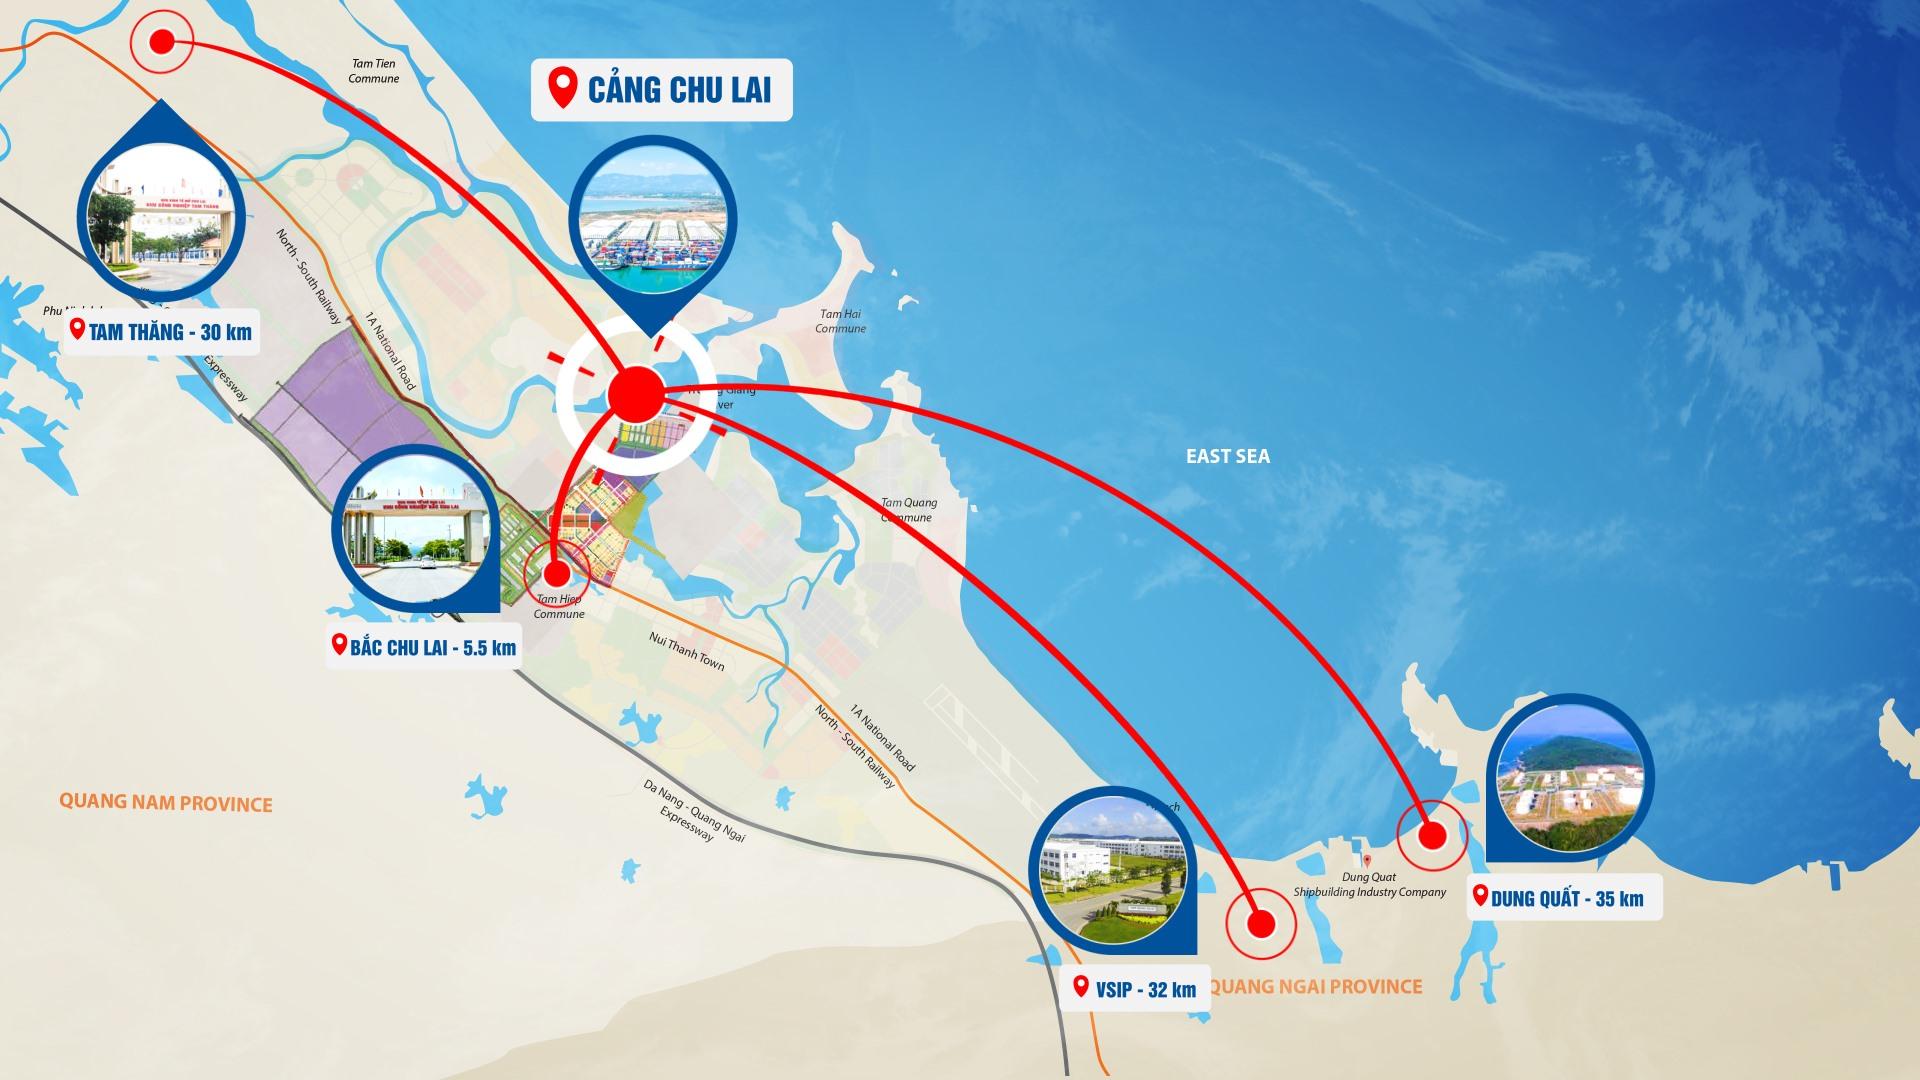 Cảng Chu Lai có vị trí địa lý thuận lợi, kết nối với các khu vực công nghiệp và các vùng, miền.